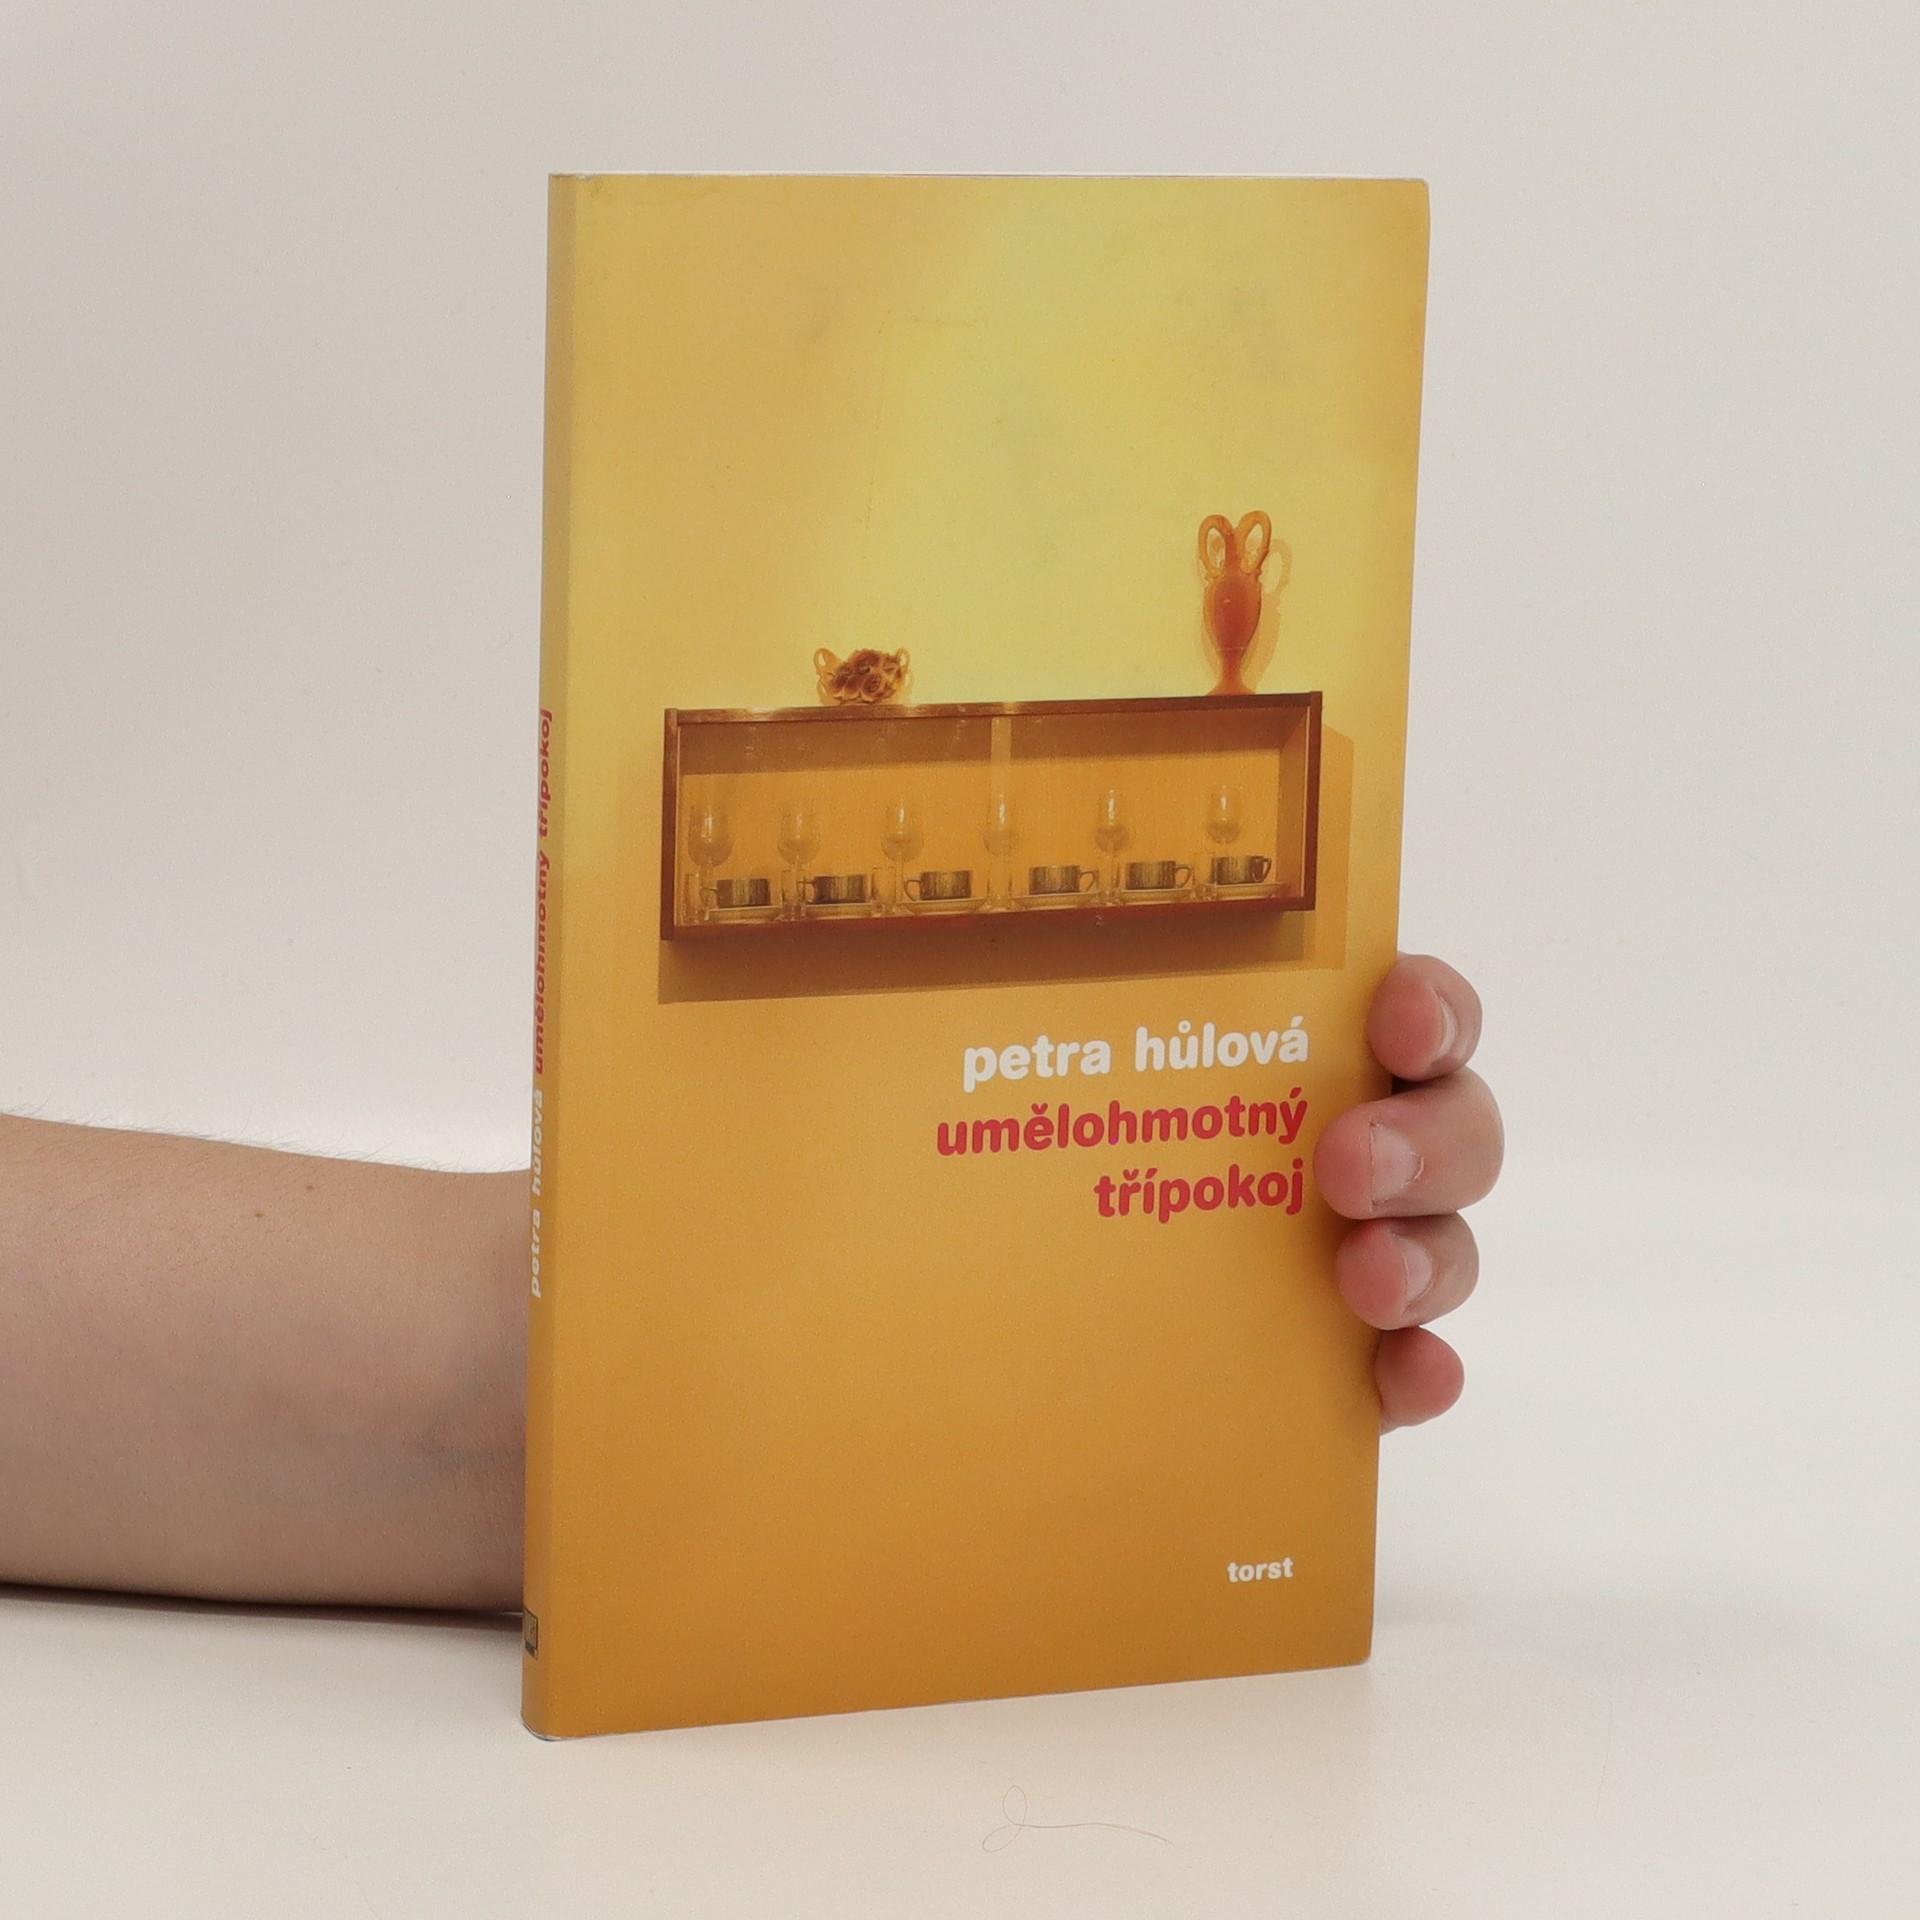 antikvární kniha Umělohmotný třípokoj, 2006